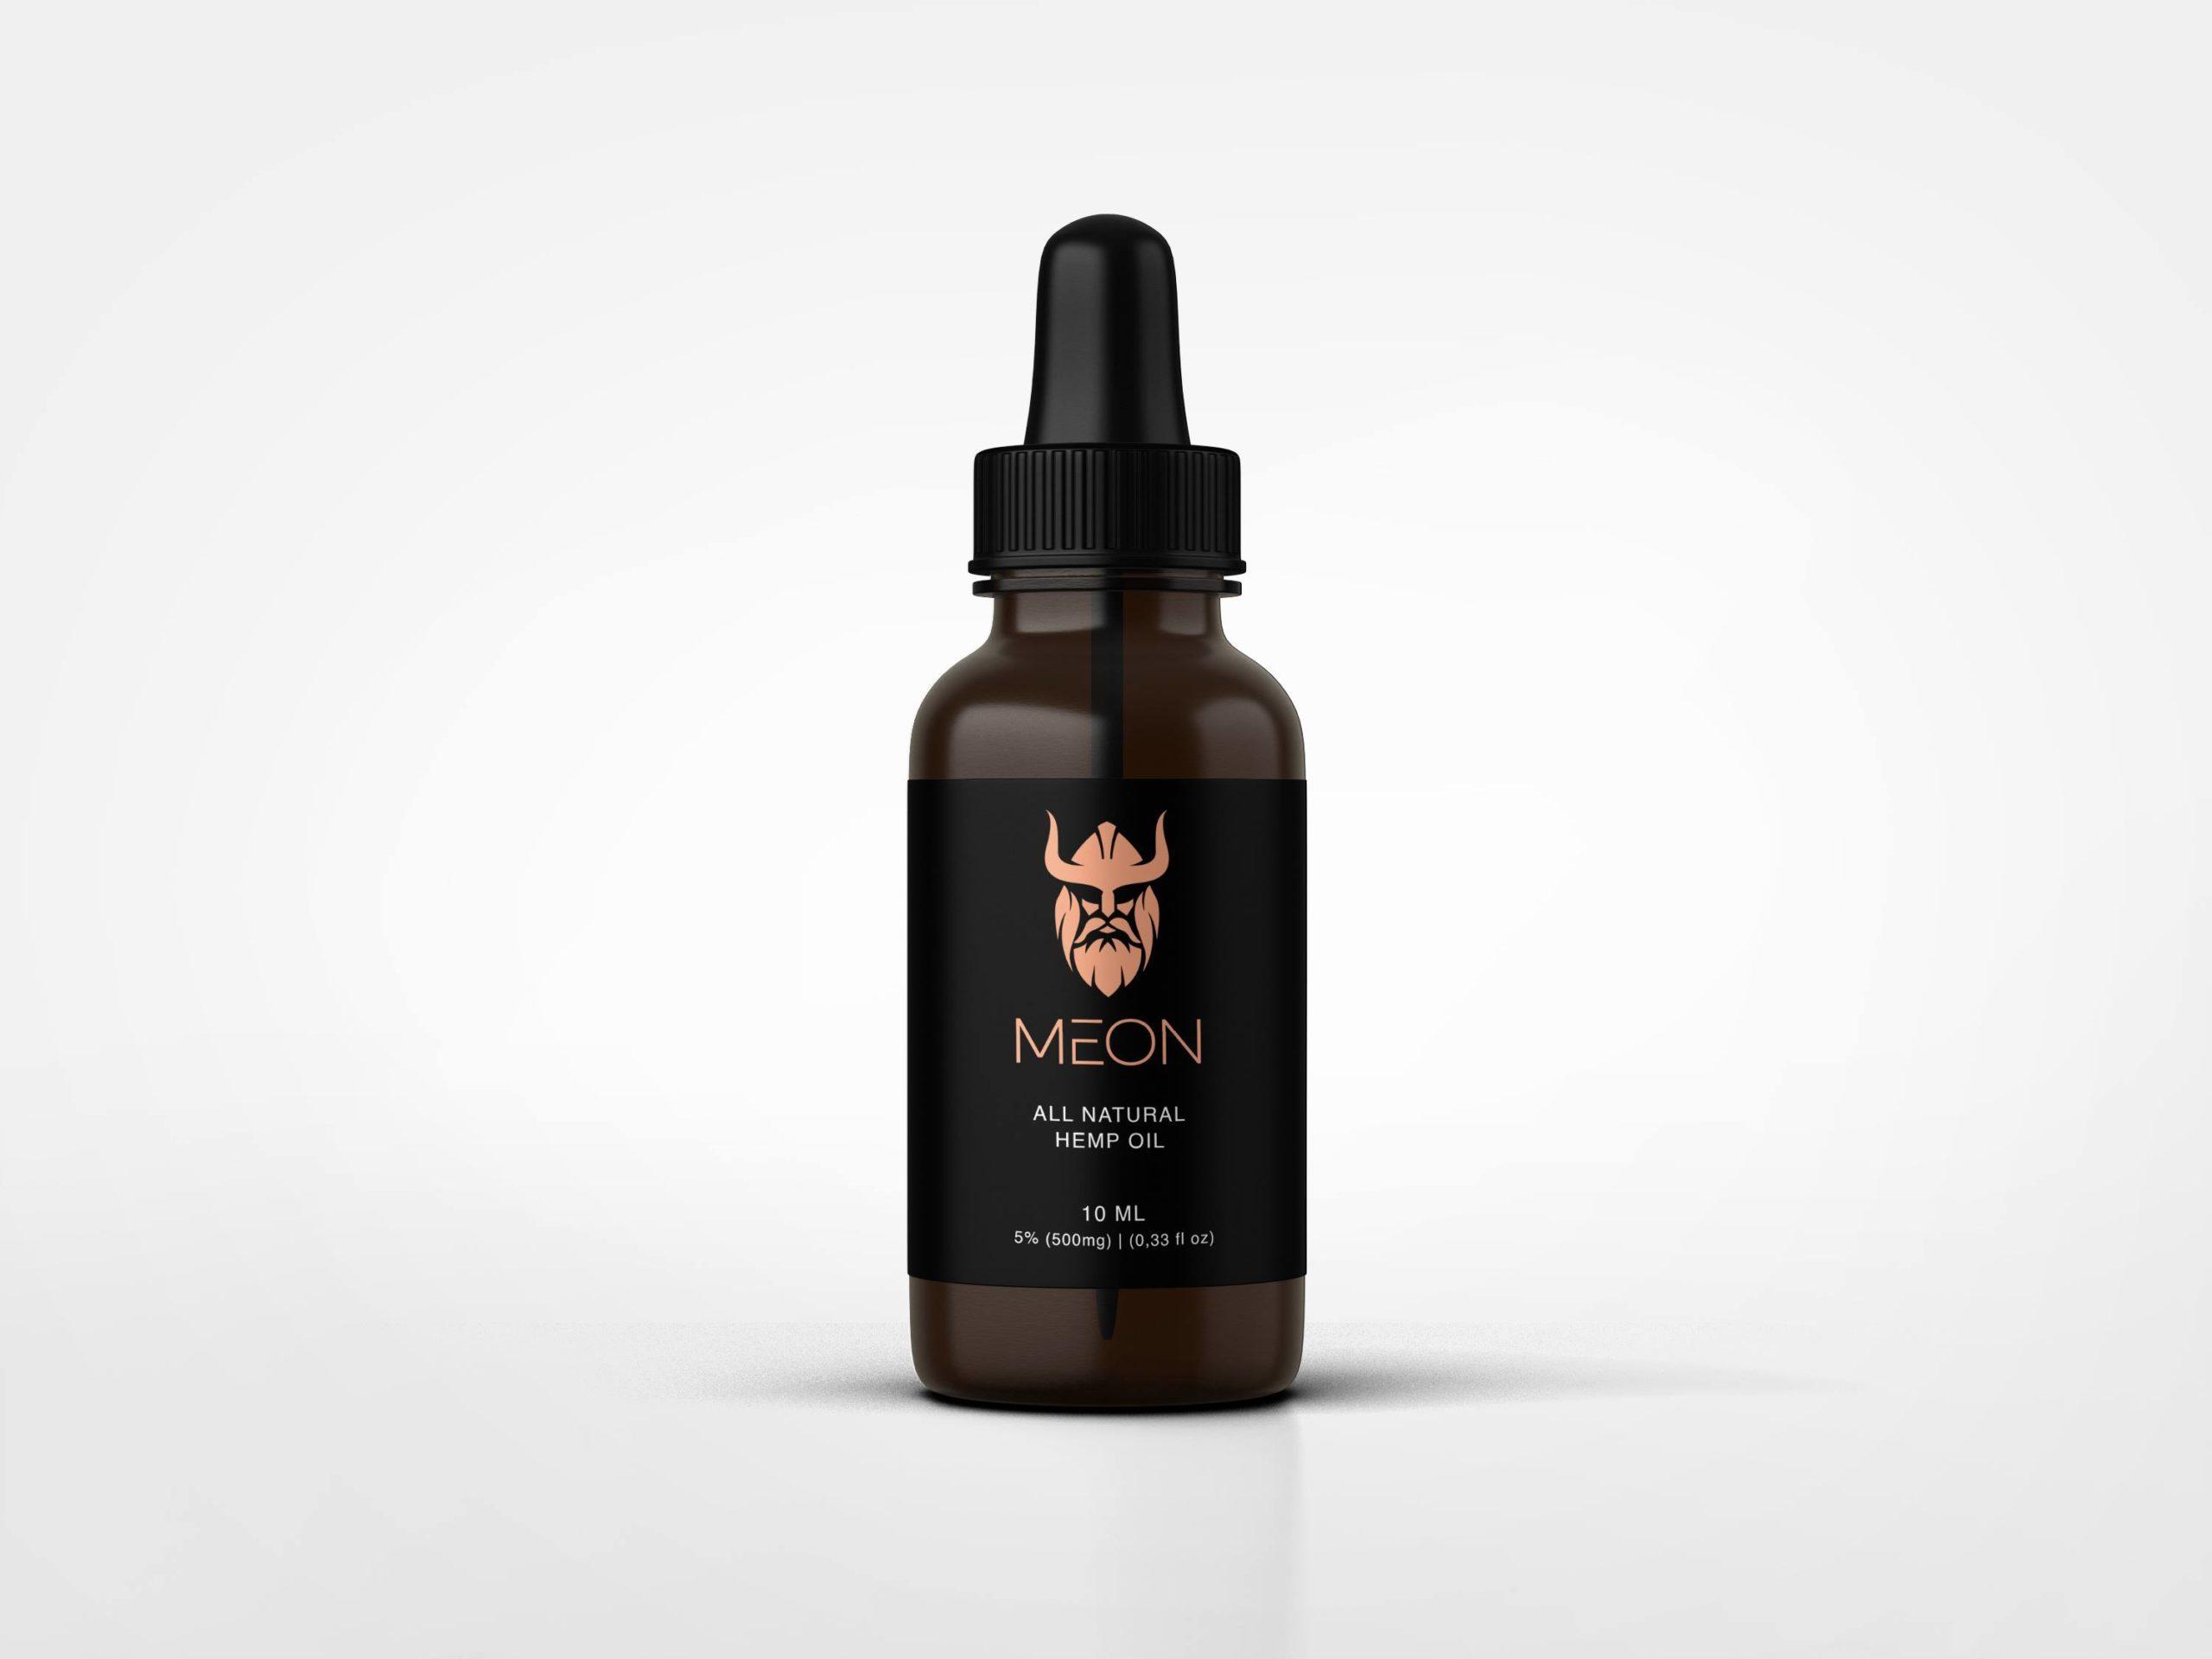 Billede af det ulovlige produkt: Meon Black